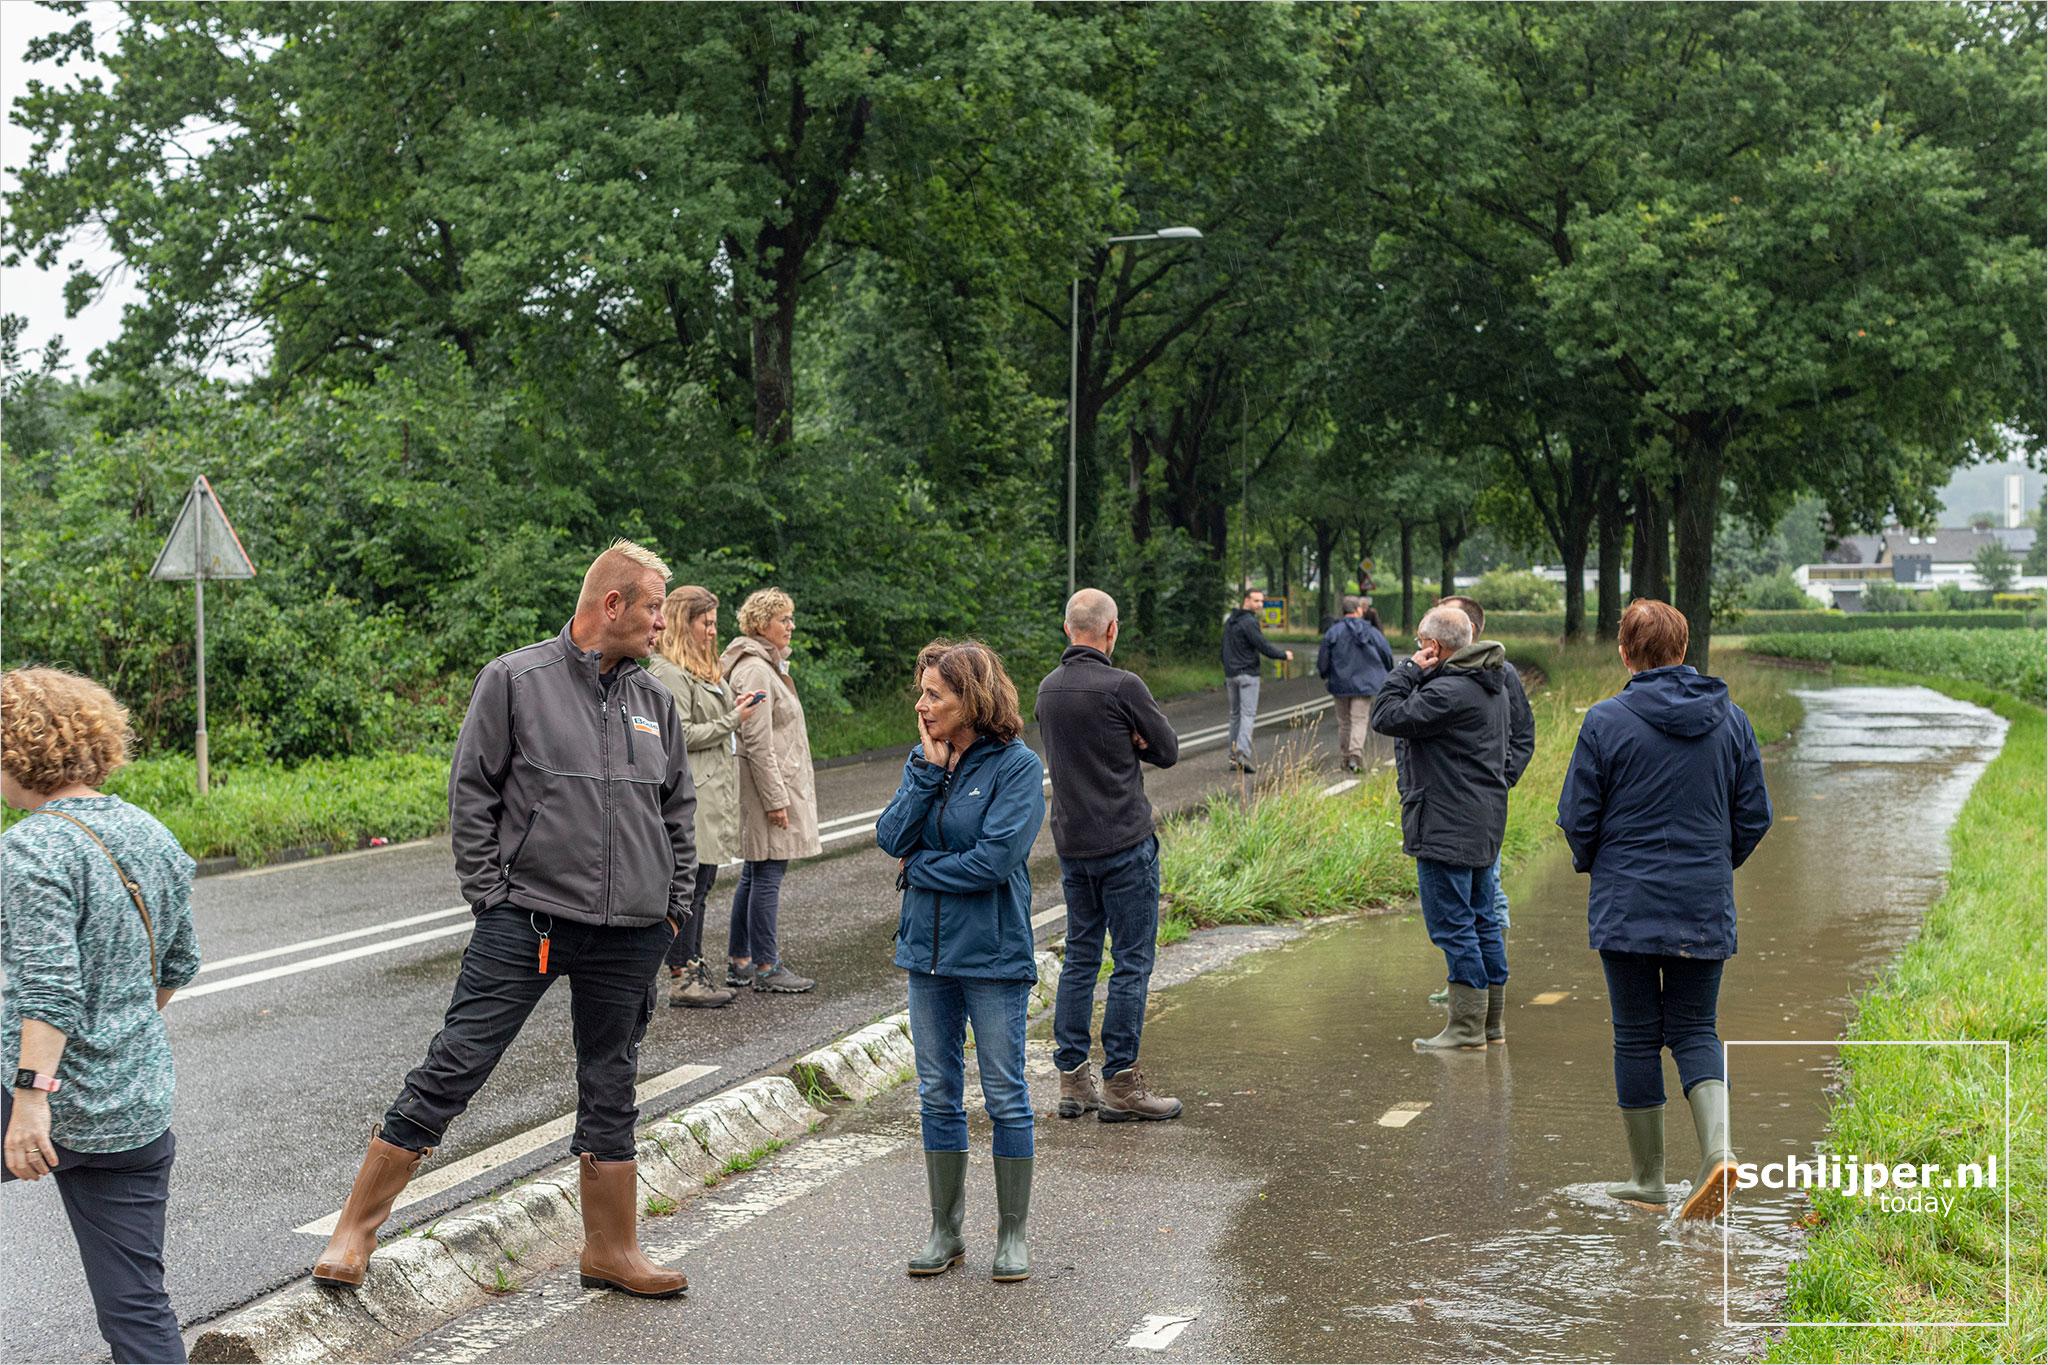 The Netherlands, Bunde, 15 juli 2021